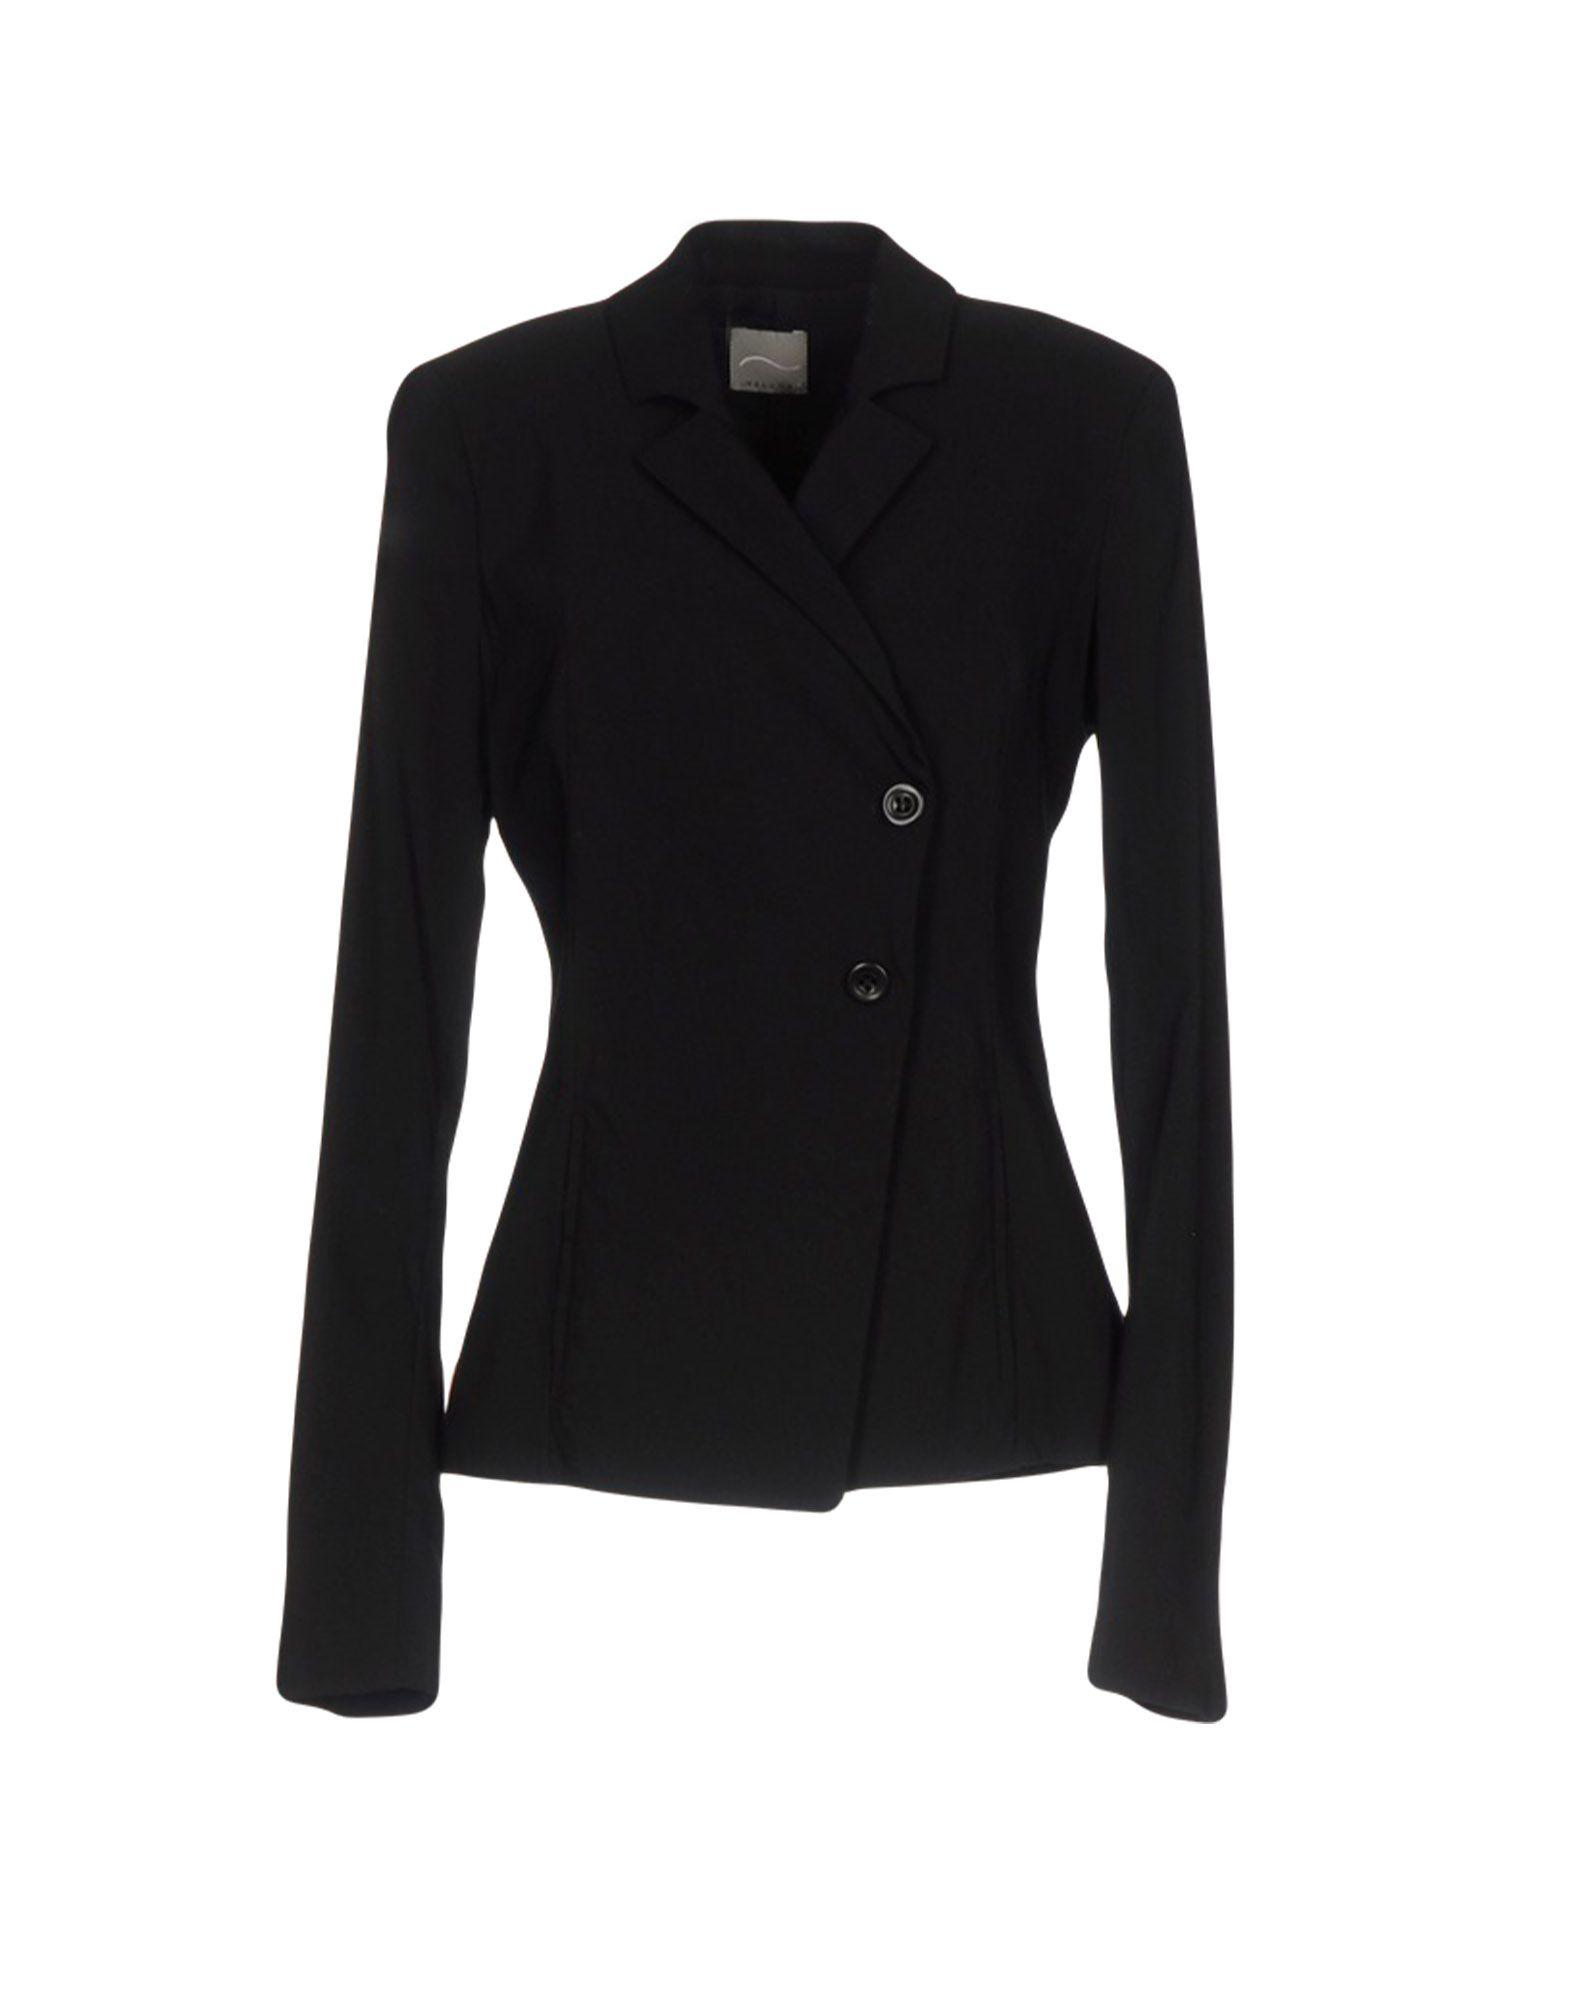 MALLONI Damen Jackett Farbe Schwarz Größe 4 jetztbilligerkaufen